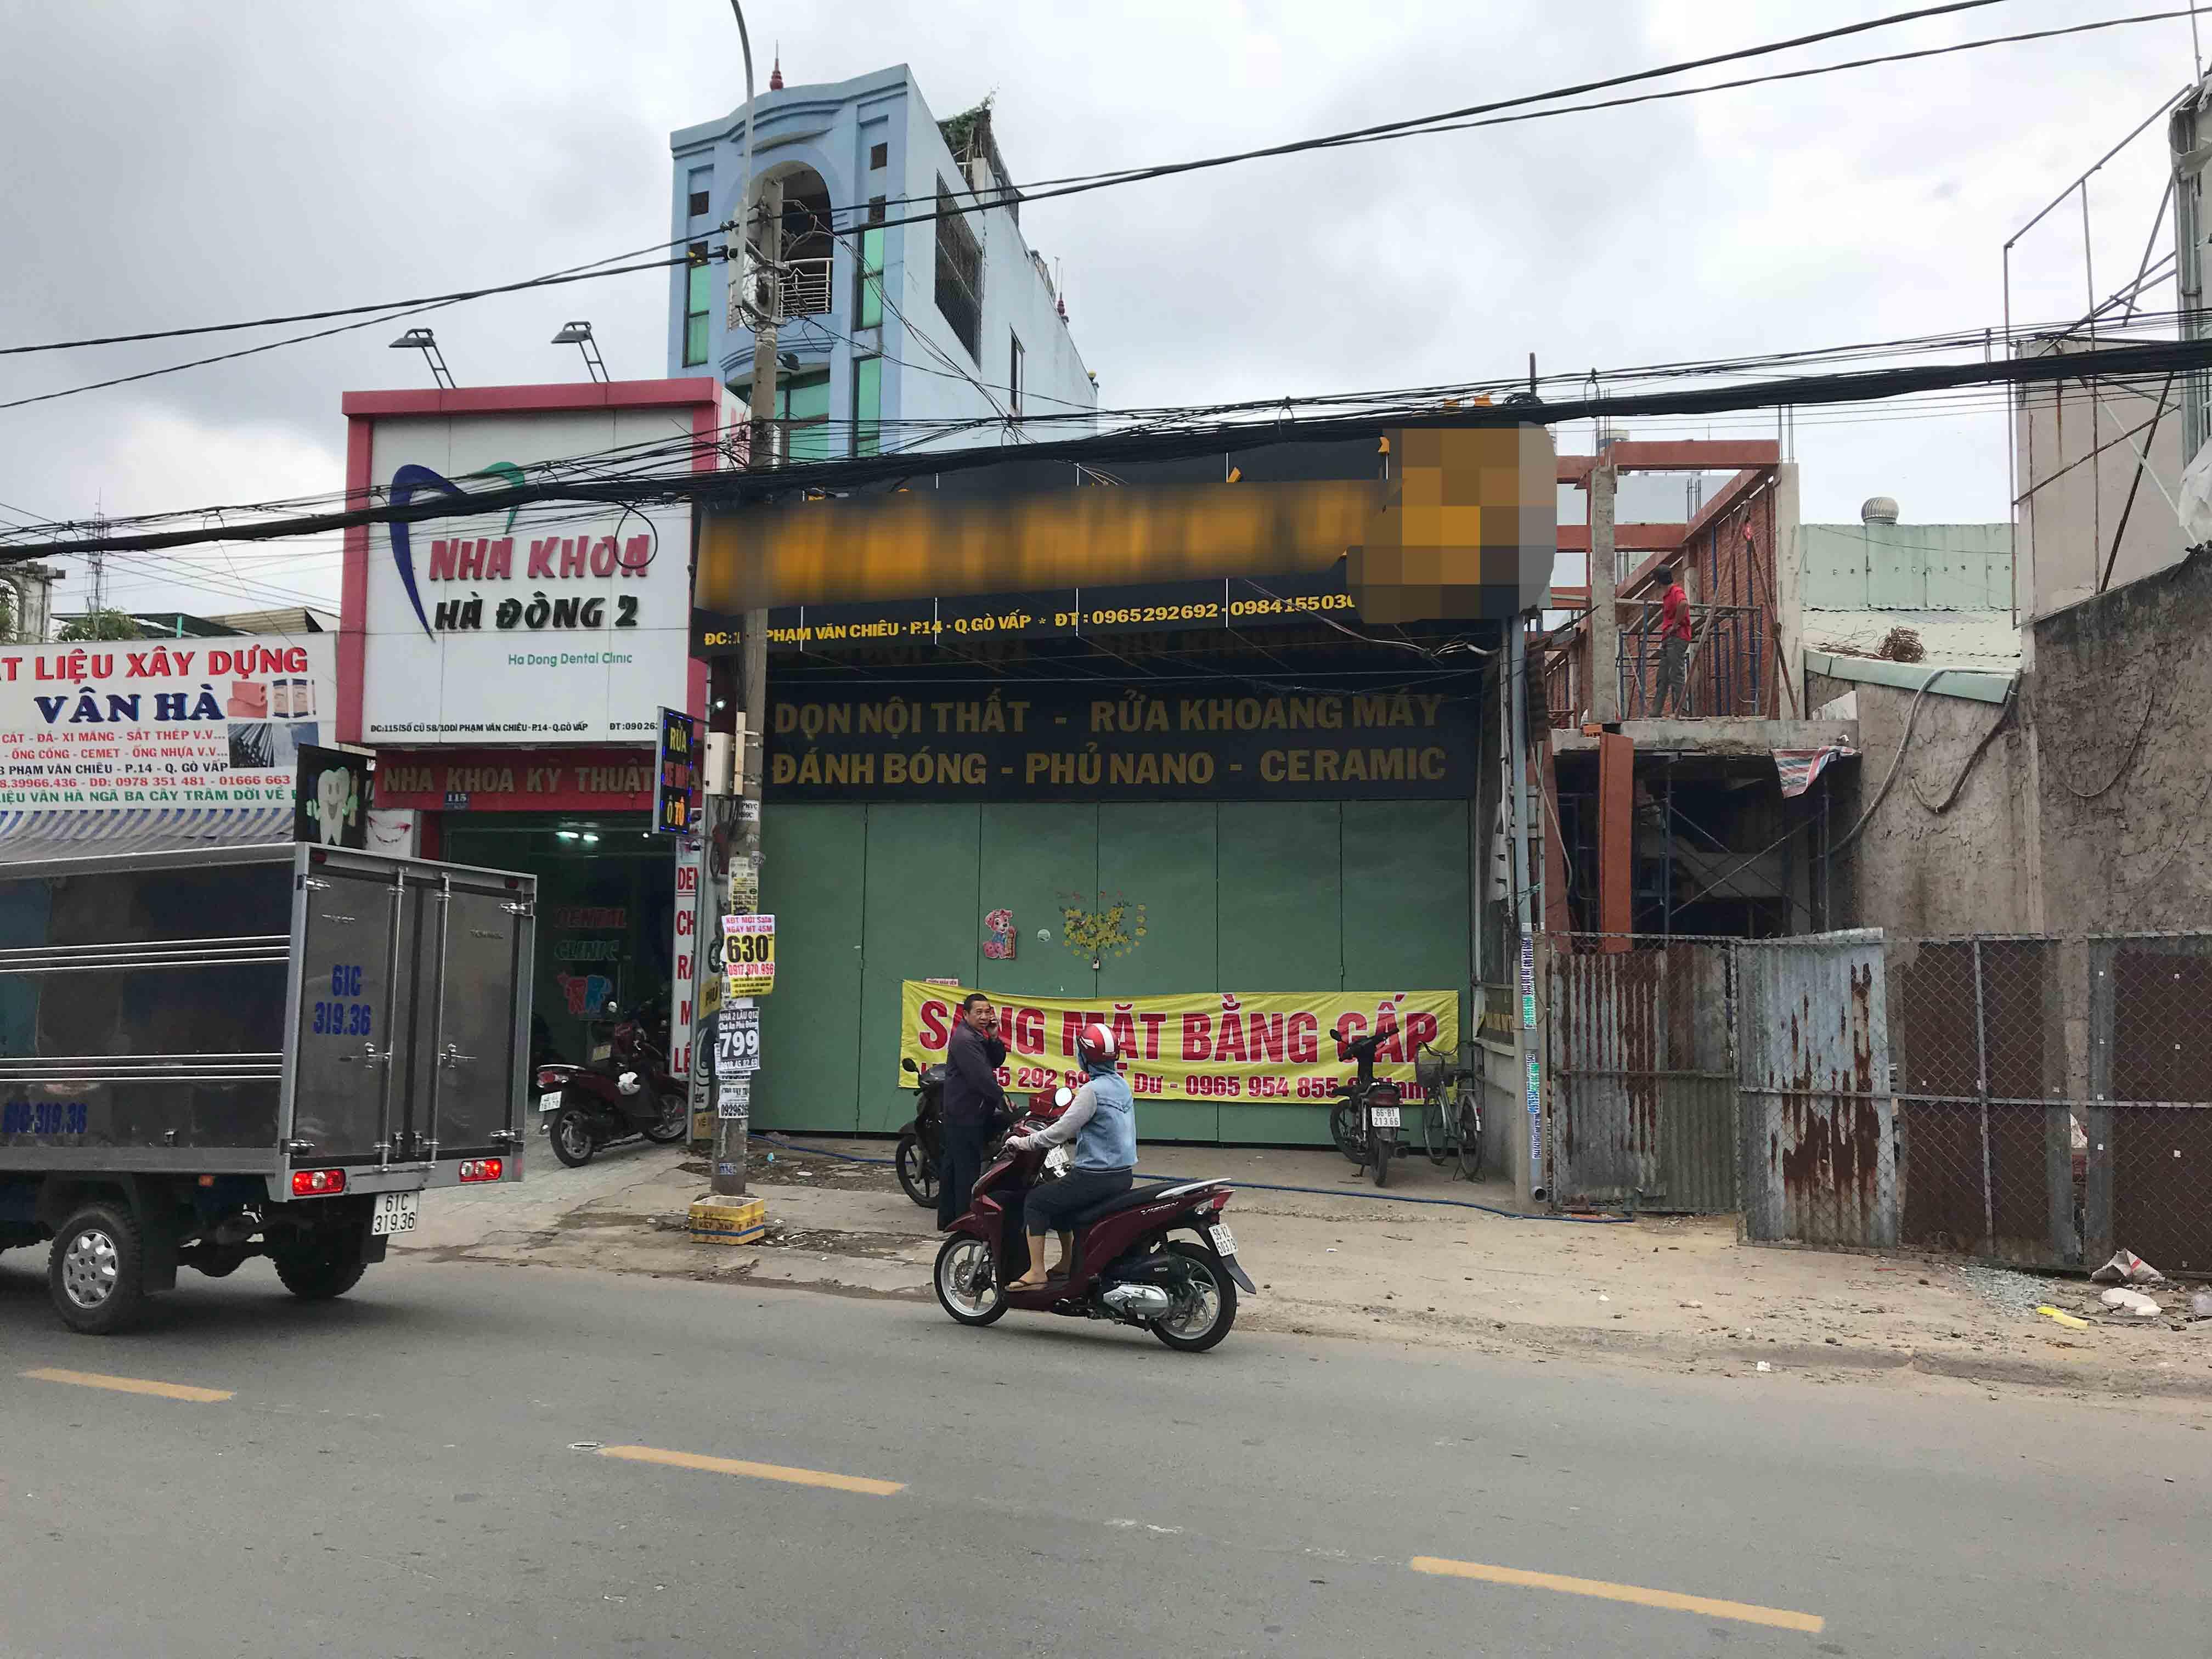 Nhuong-quyen-chuoi-rua-xe